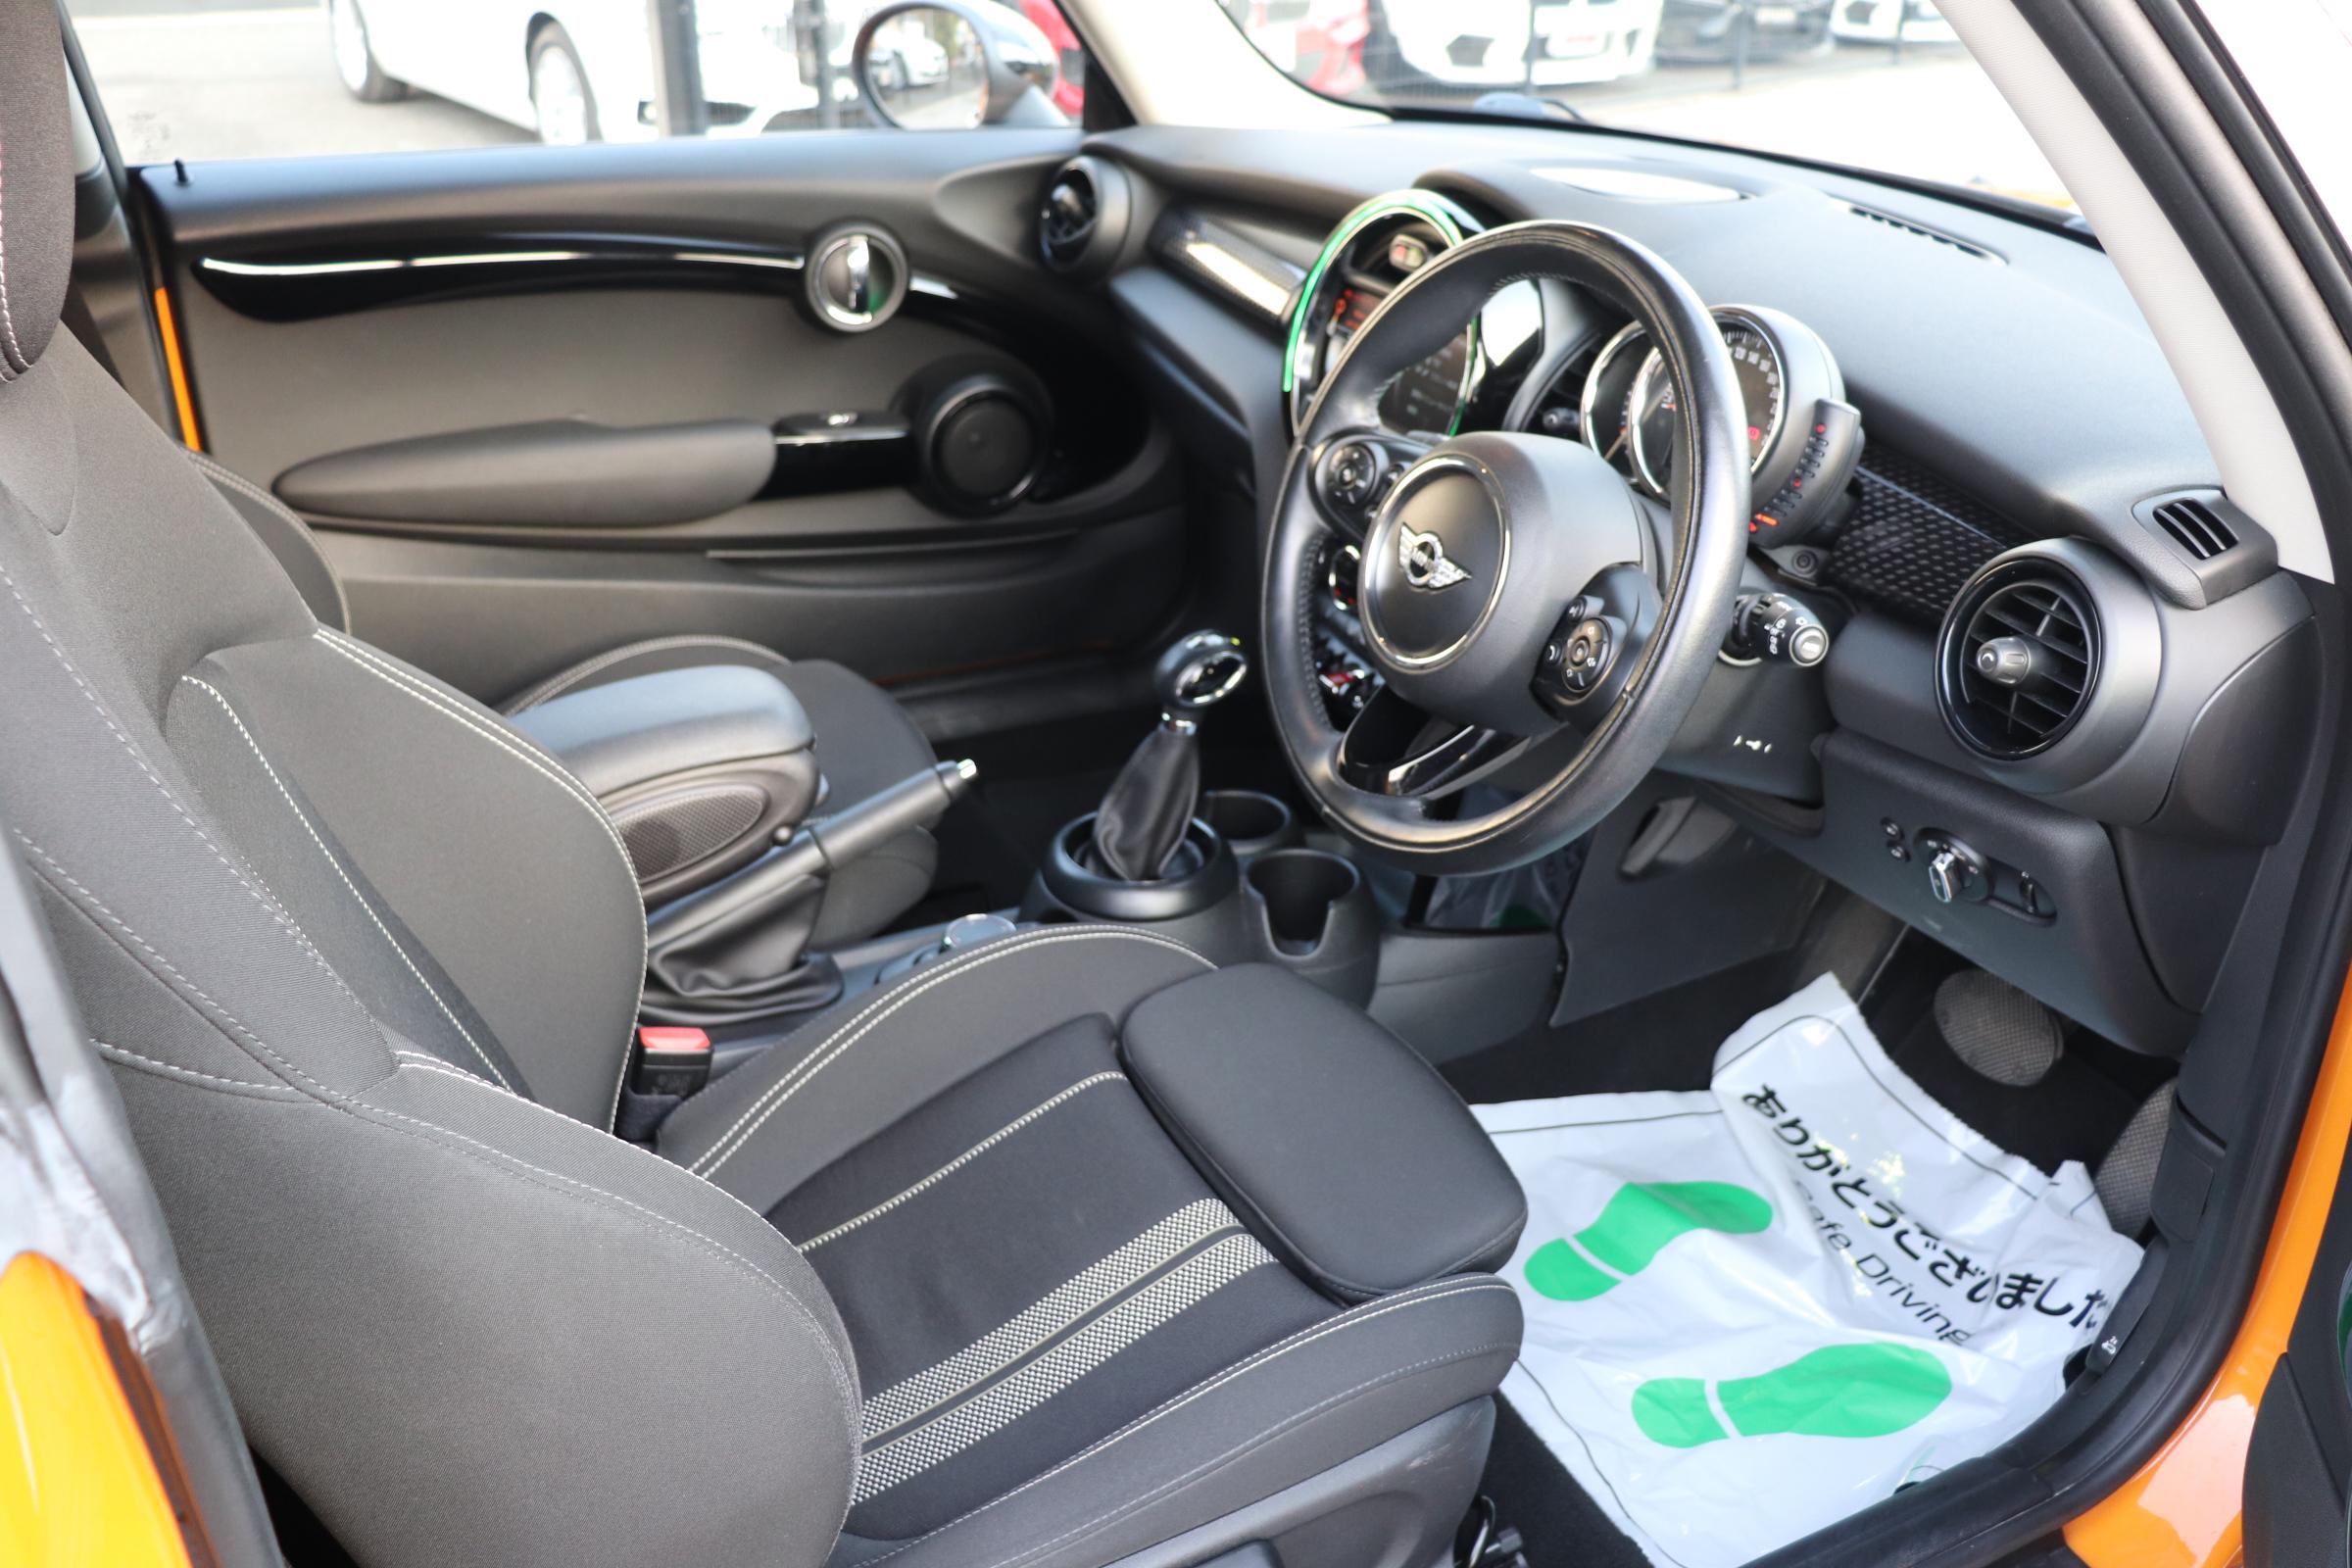 MINIクーパーSD ペッパーP 地デジ スマートキー アクティブクルコン Bカメラ車両画像11